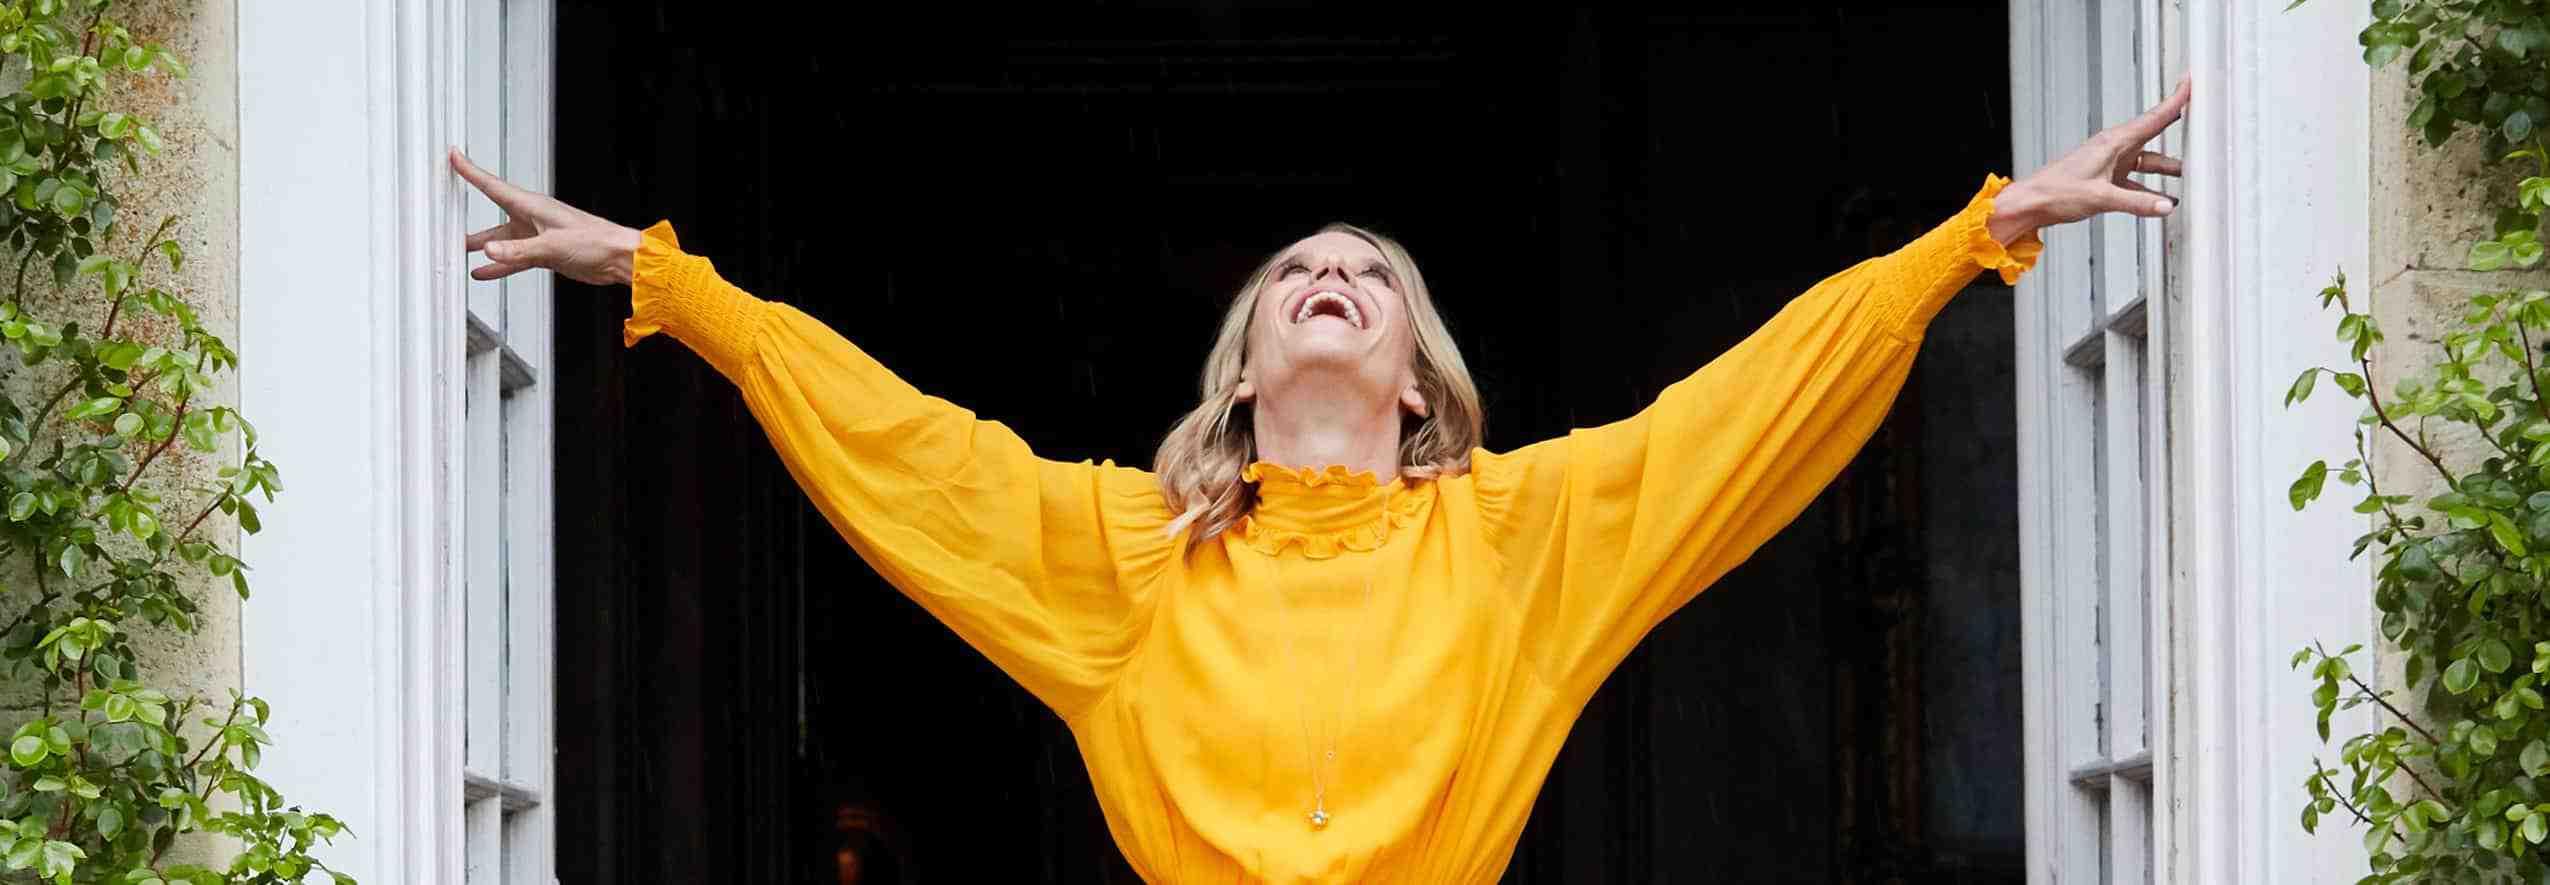 Happy Julie in yellow top